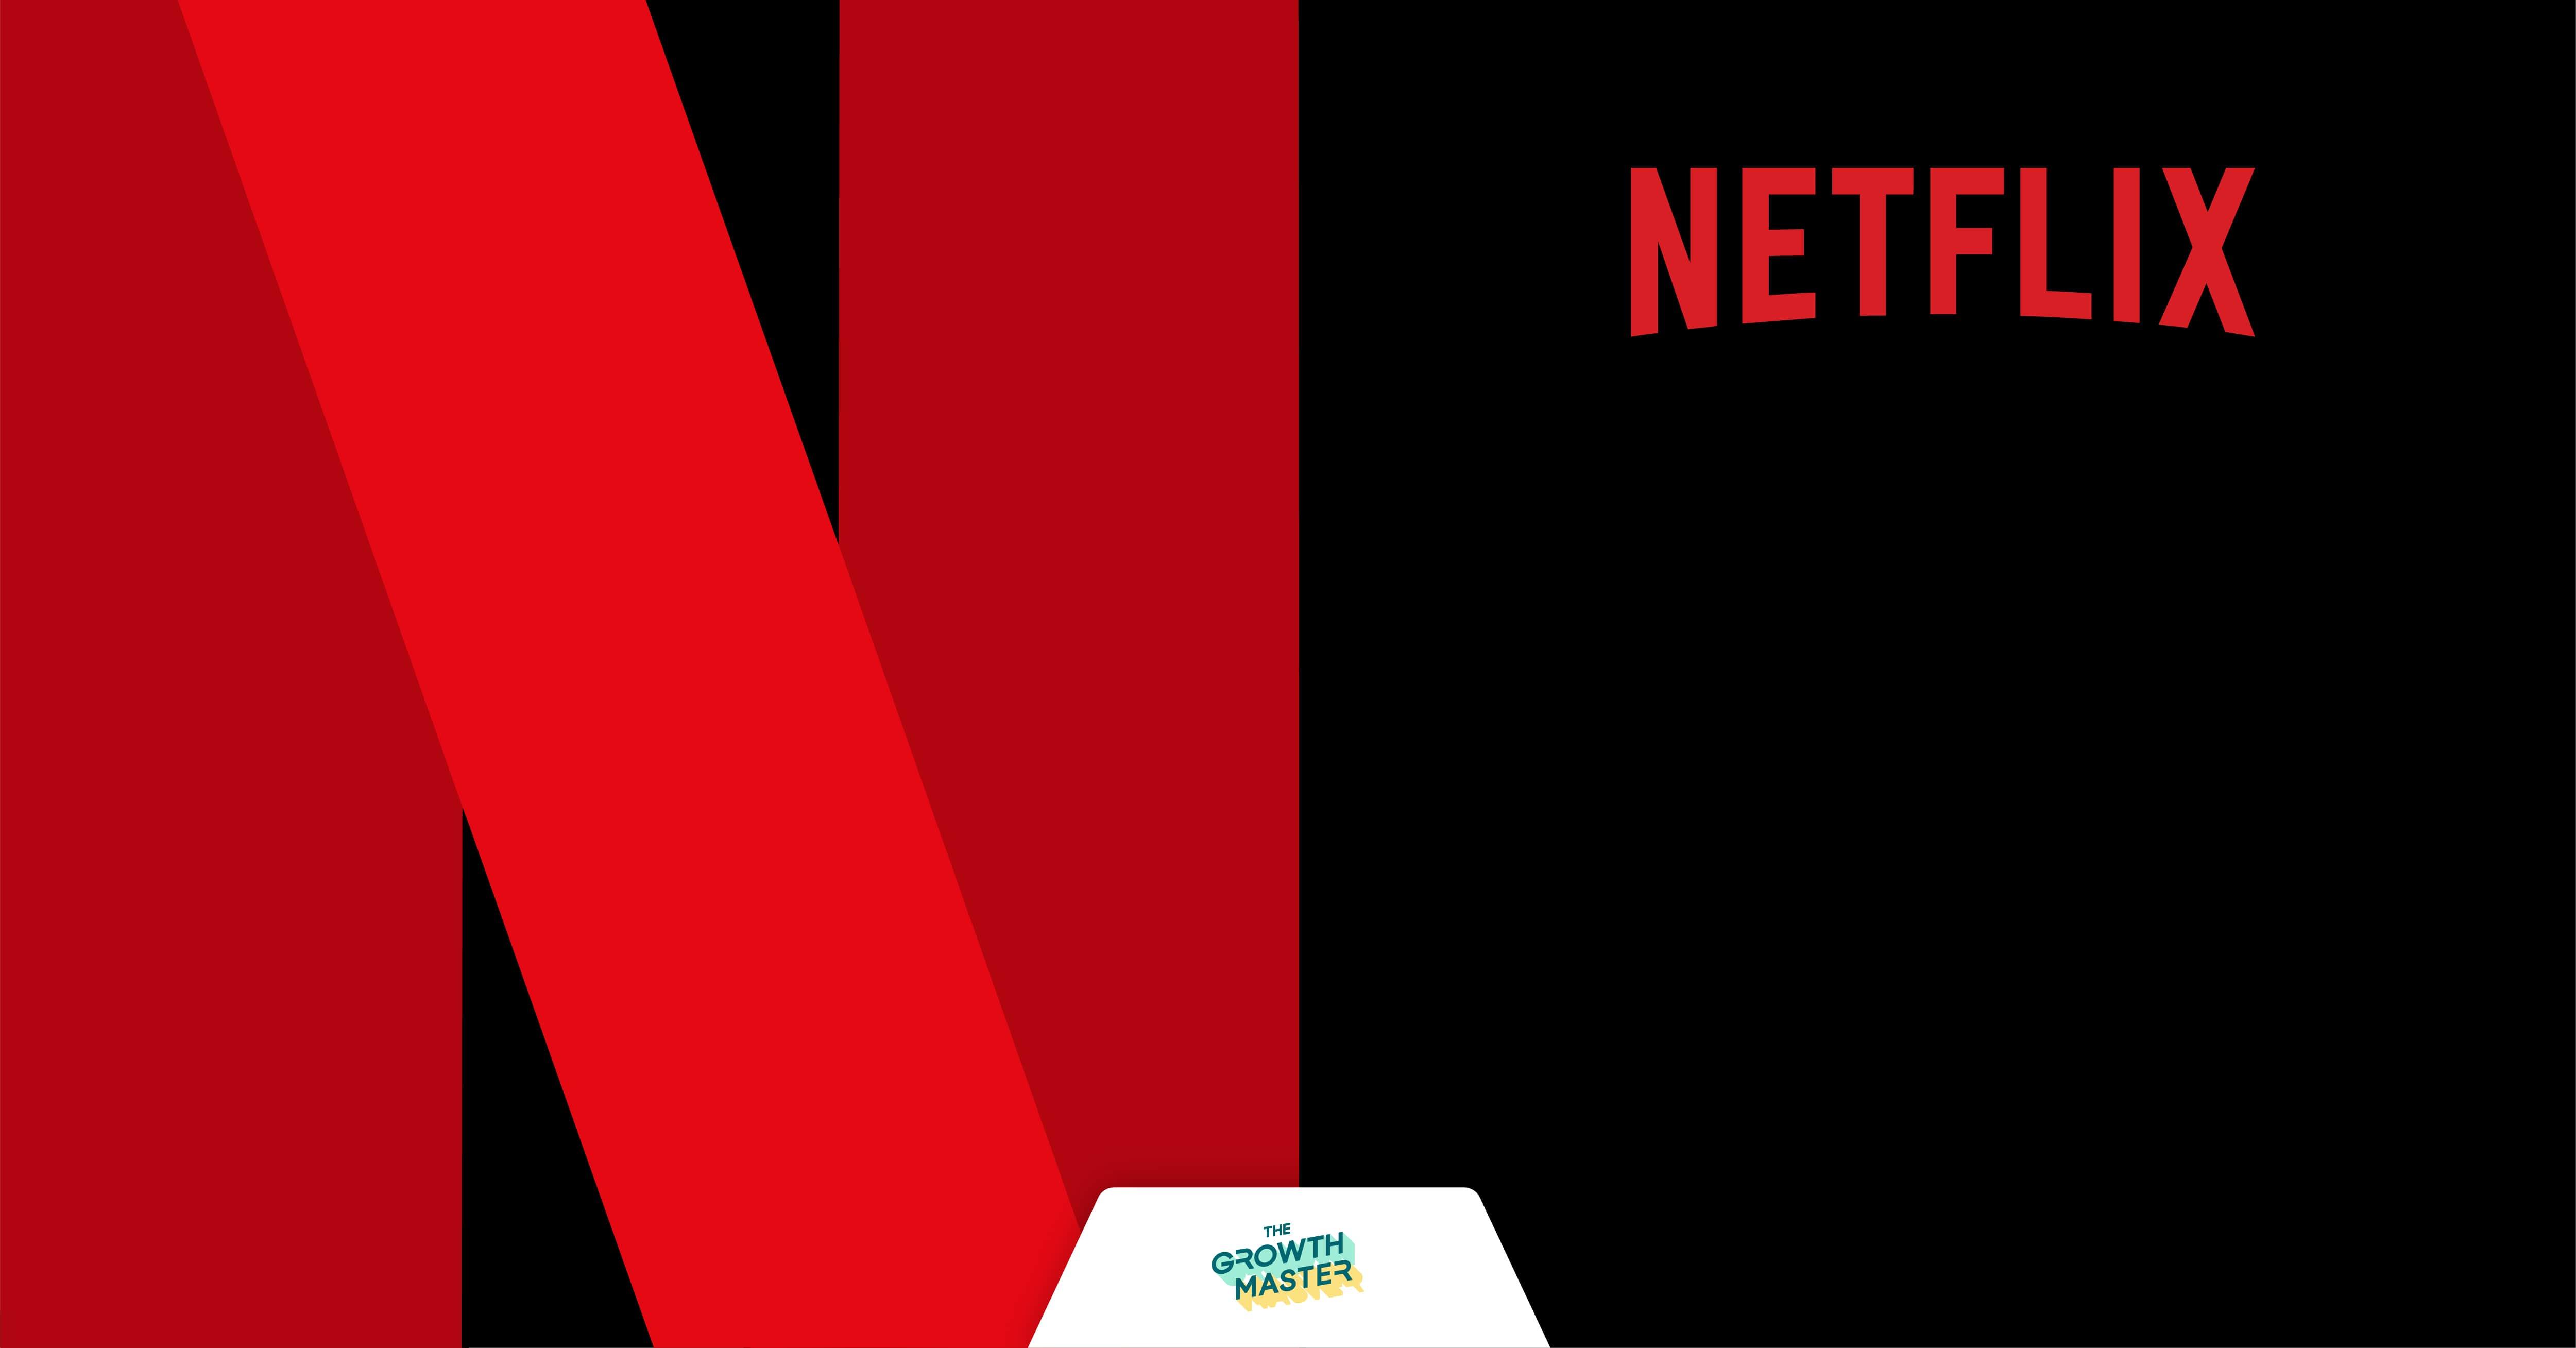 CASE STUDY : Netflix สตรีมมิ่งหนังรายใหญ่ของโลกกับกลยุทธ์ระบบหลังบ้านที่เดือดทะลุปรอท